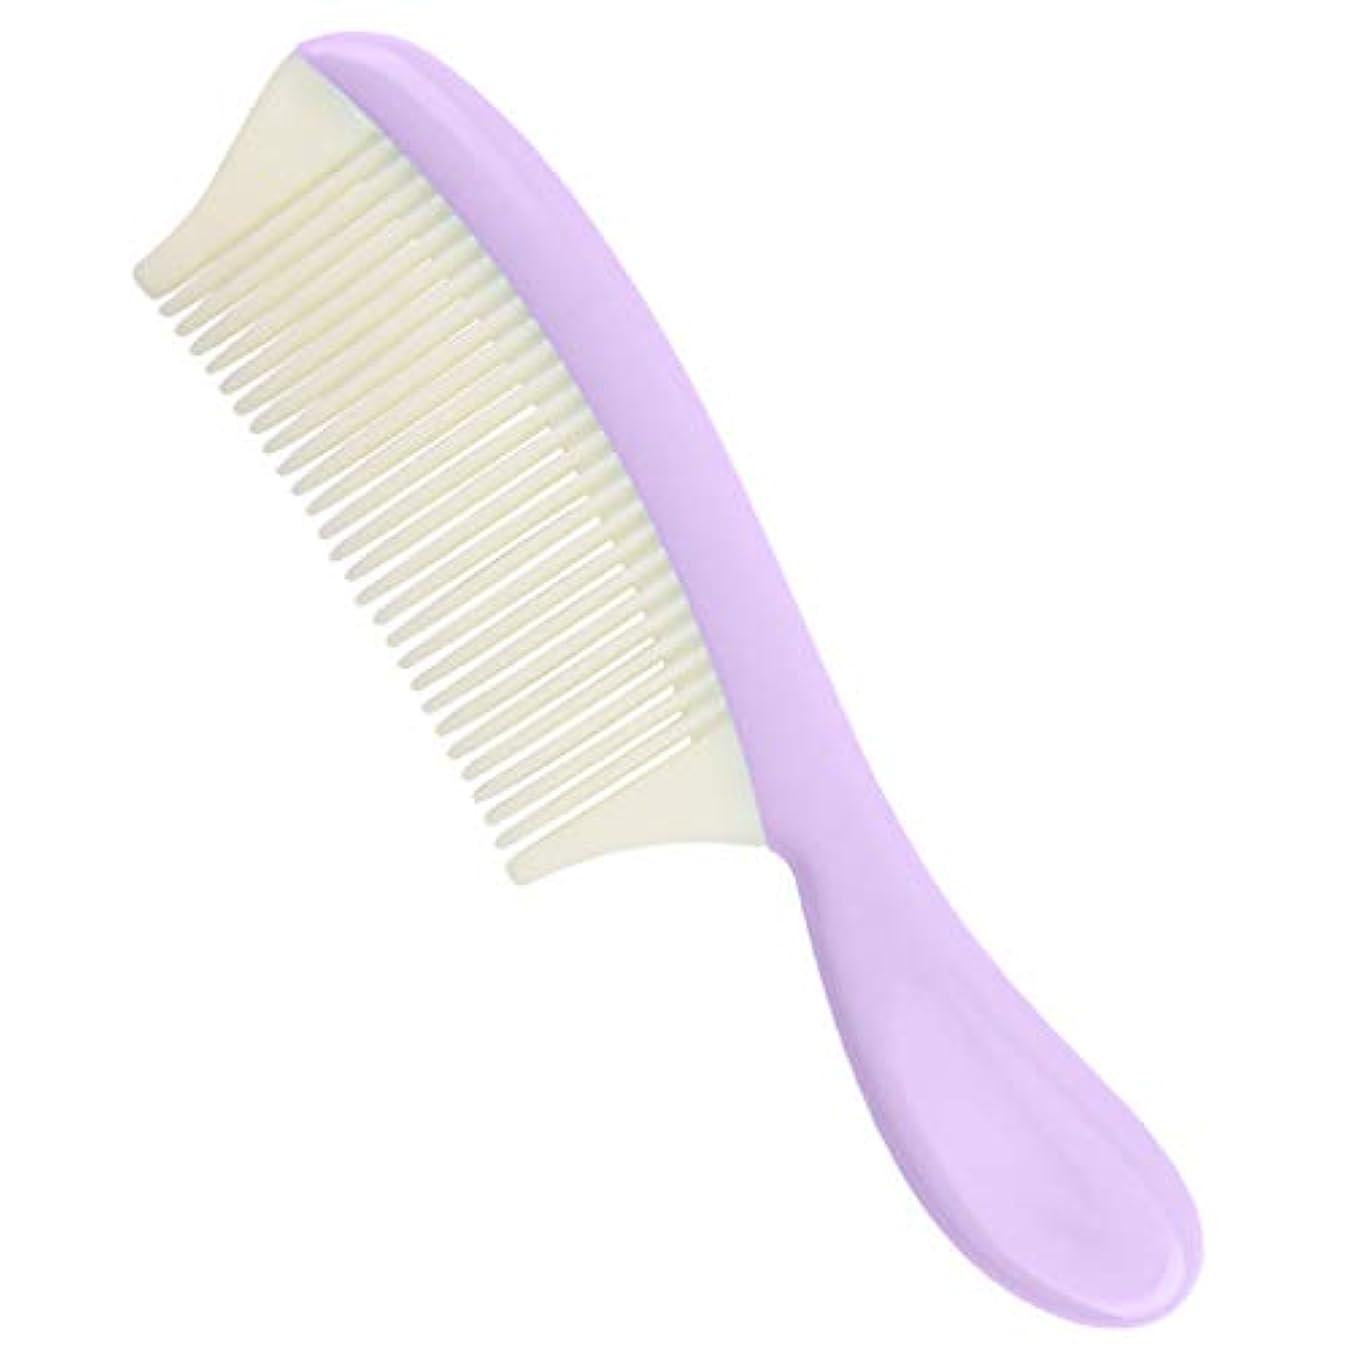 半球書き出す提供されたP Prettyia プラスチック ヘアコーム 取り外し可能 細かい歯 髪の櫛 全4色 - 紫